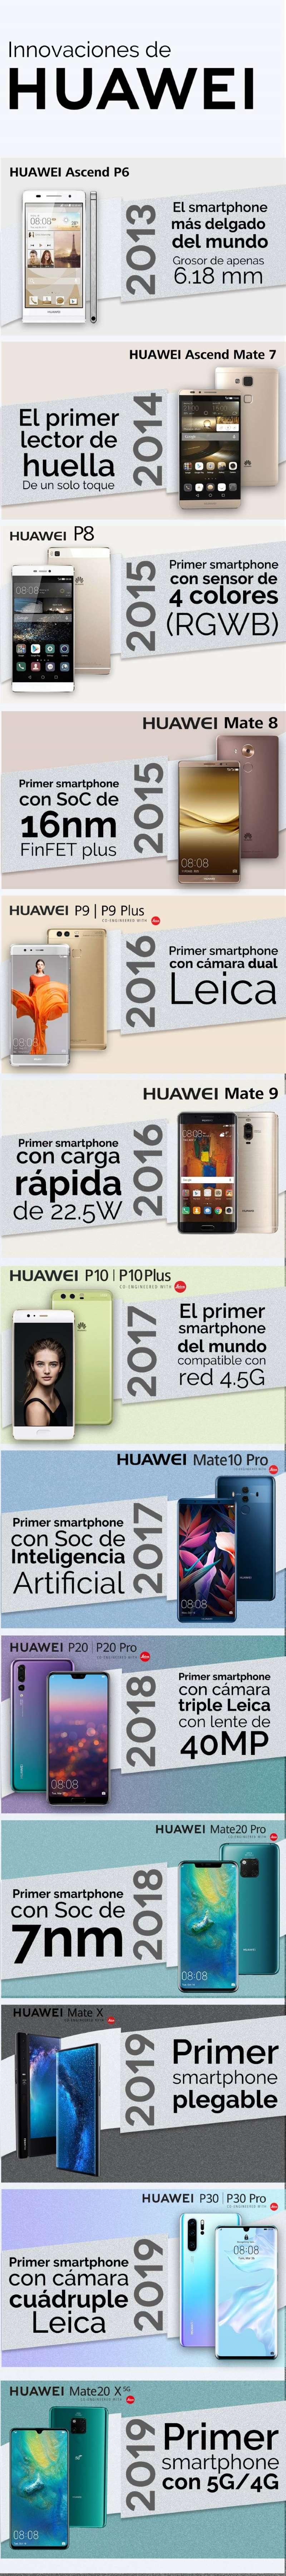 Infografik: So funktioniert das smartphones von Huawei, um an der Spitze der Innovation zu stehen 1